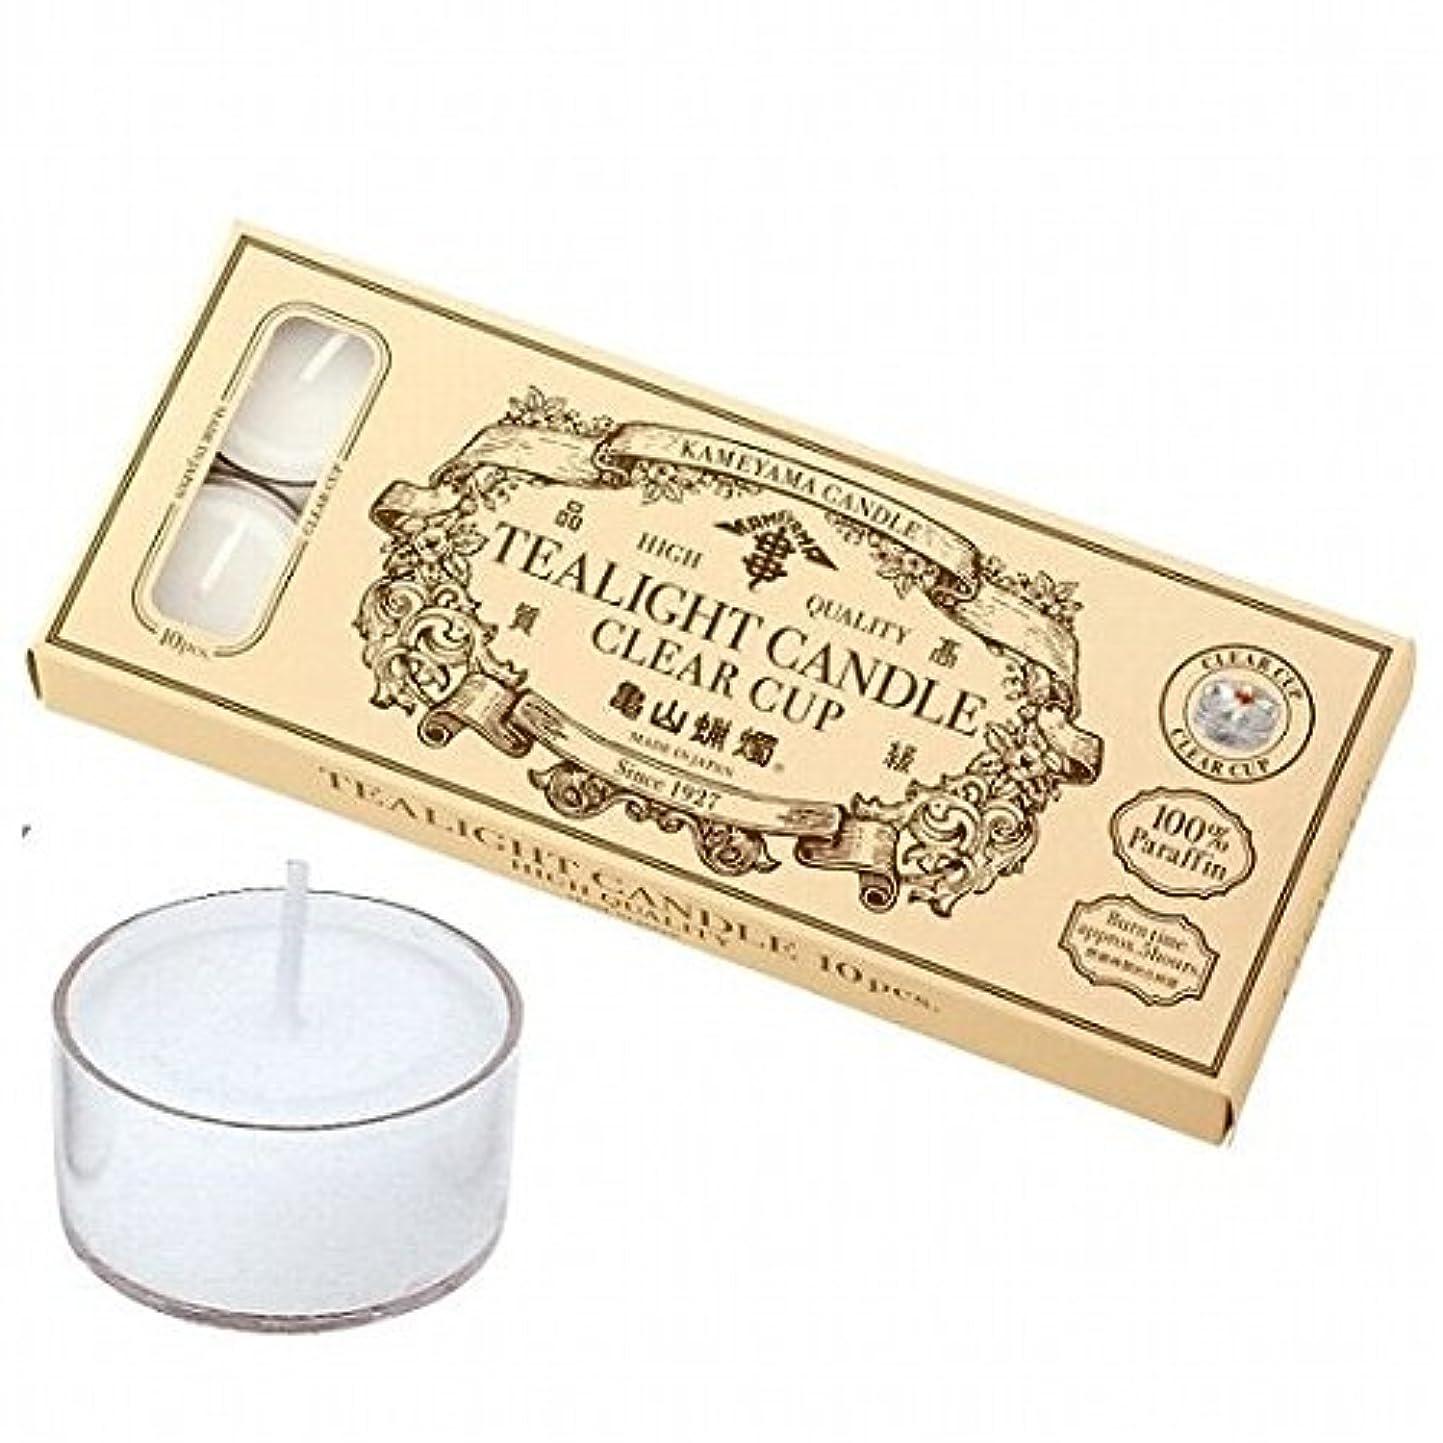 満足させる詩コマースkameyama candle(カメヤマキャンドル) 亀山ティーライトクリア10個?日本製 キャンドル(83506610)